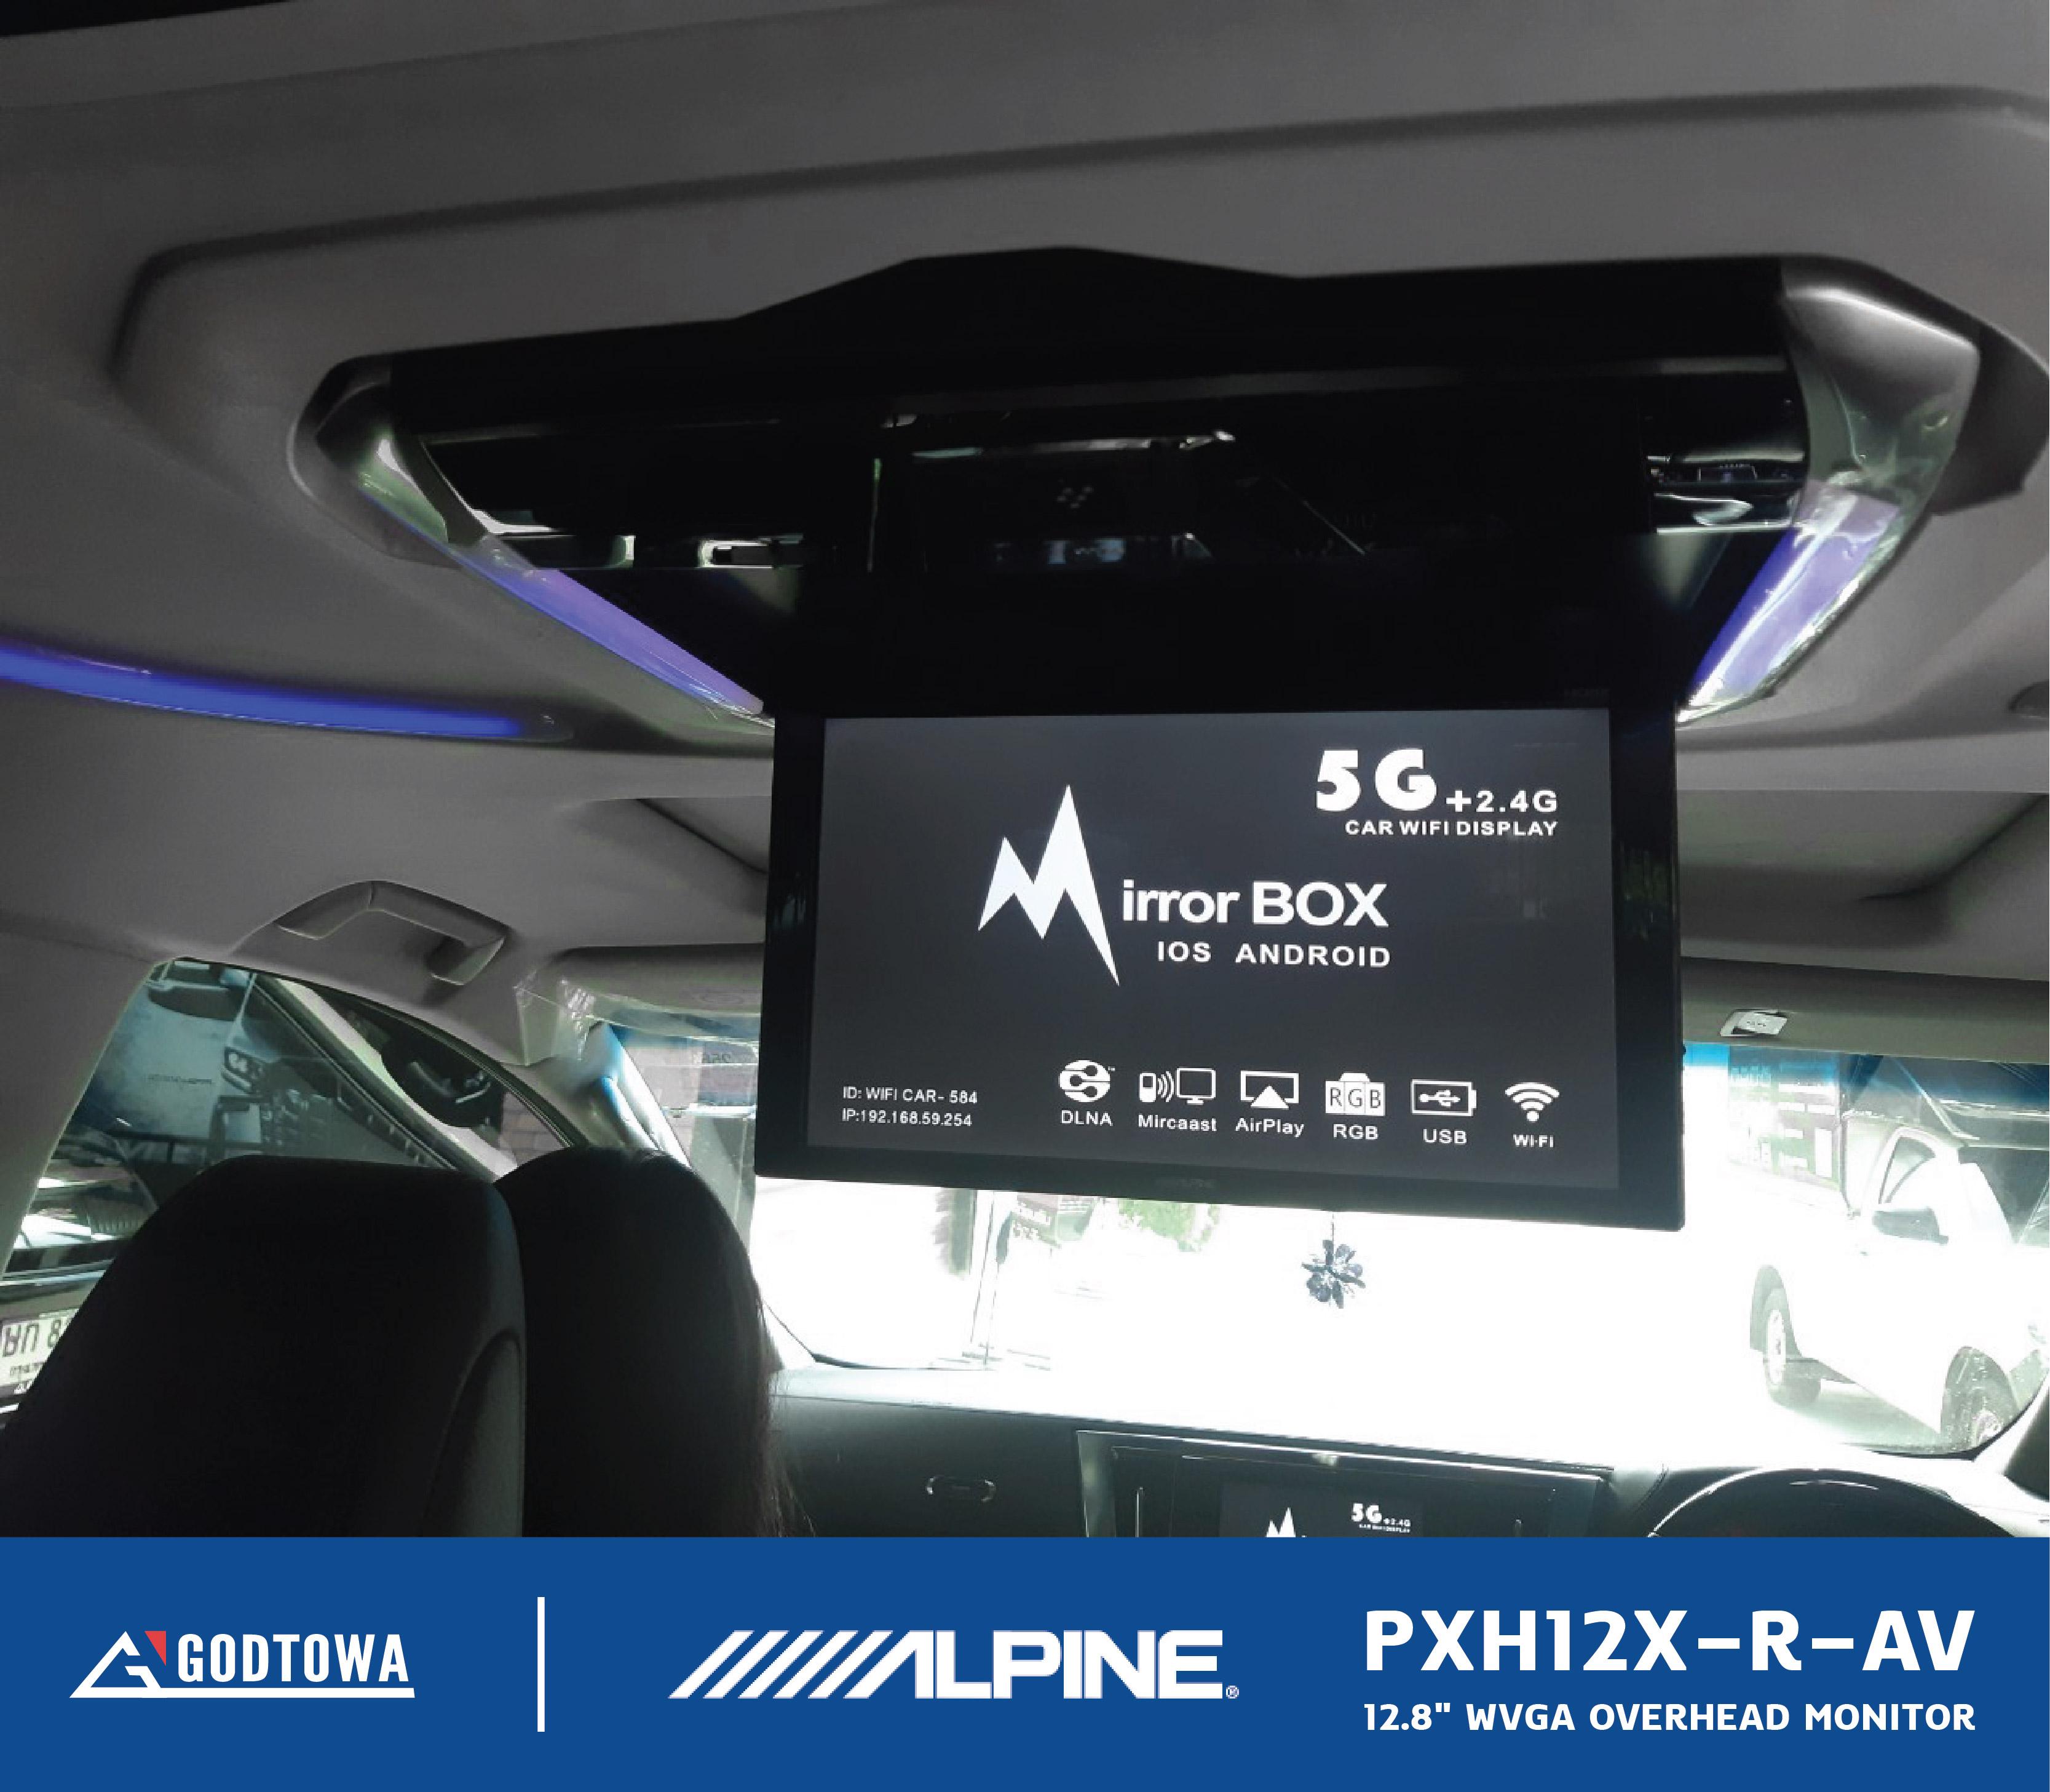 PXH12X-R-AV 12.8